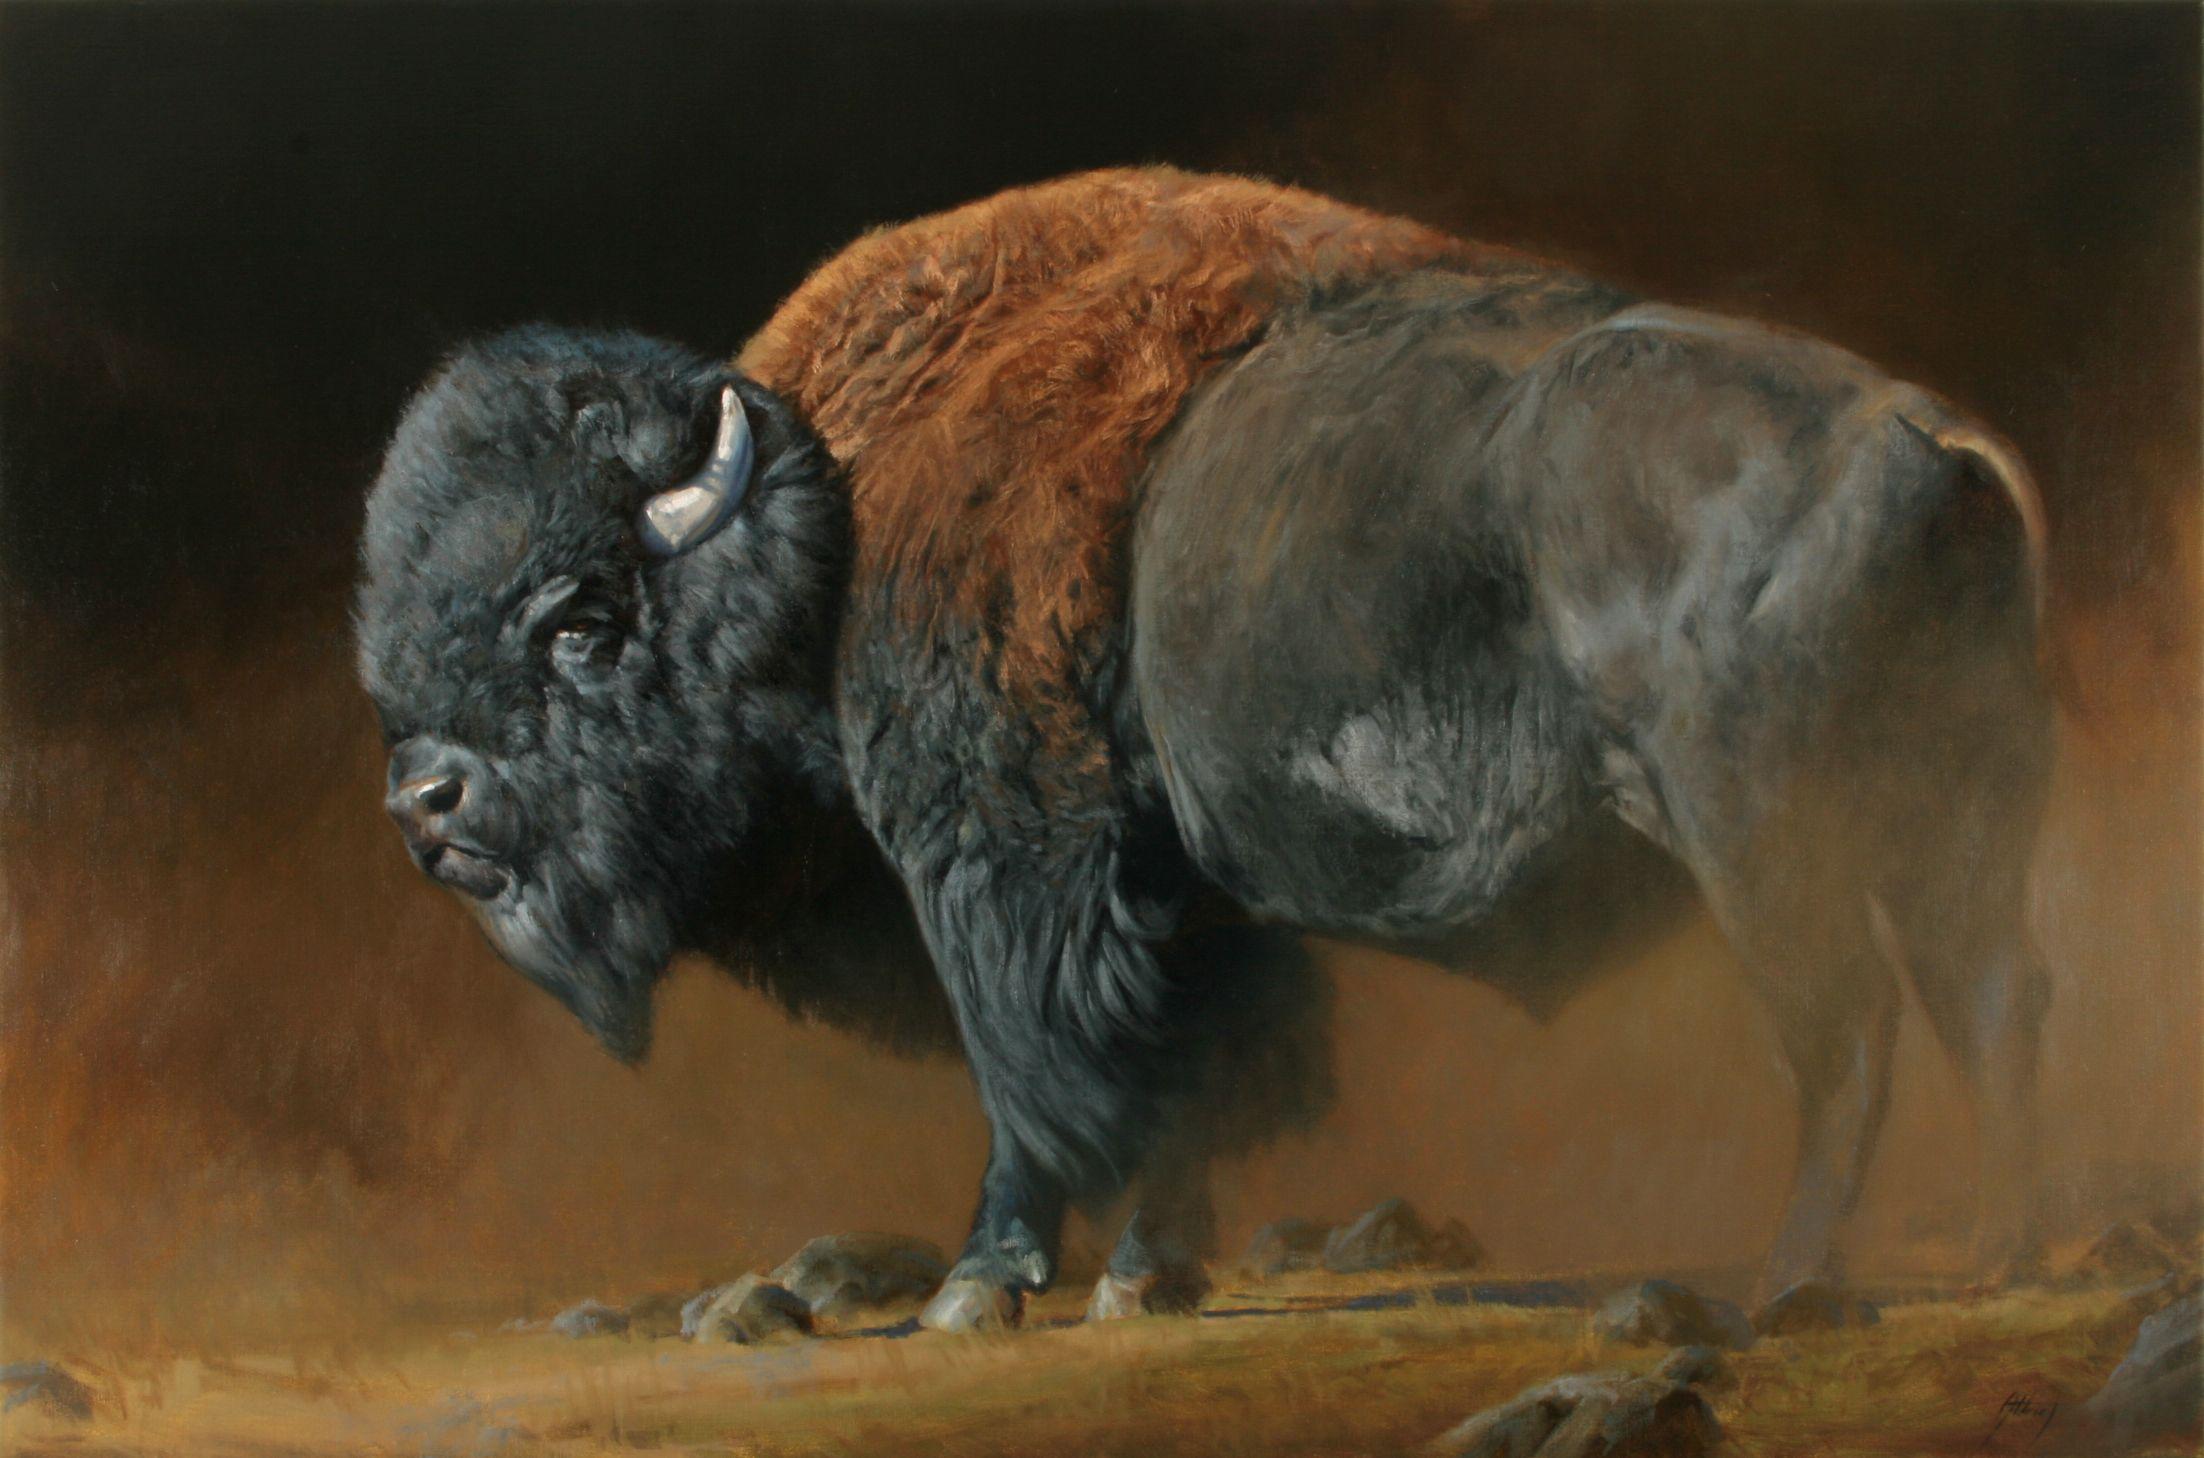 North American Edward Aldrich Bison art, North